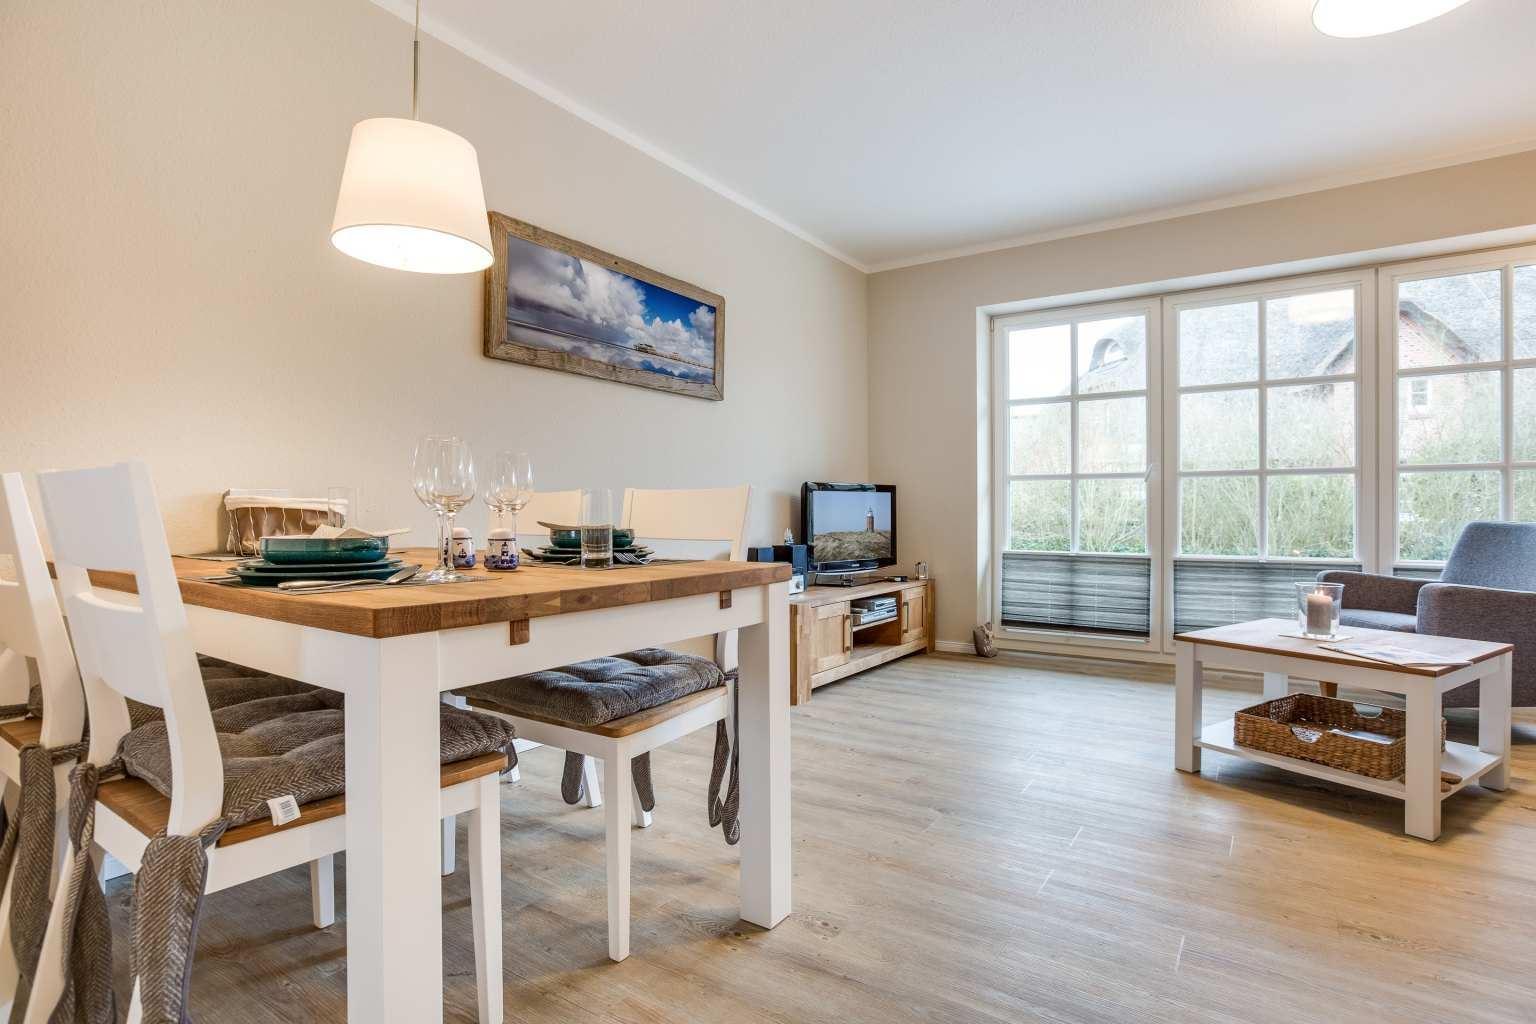 """Wohnzimmer mit Essbereich - St Peter Ording Dorf, Ferienhaus Storchennest, Wohnung 2 """"Nordseetraum 2"""""""